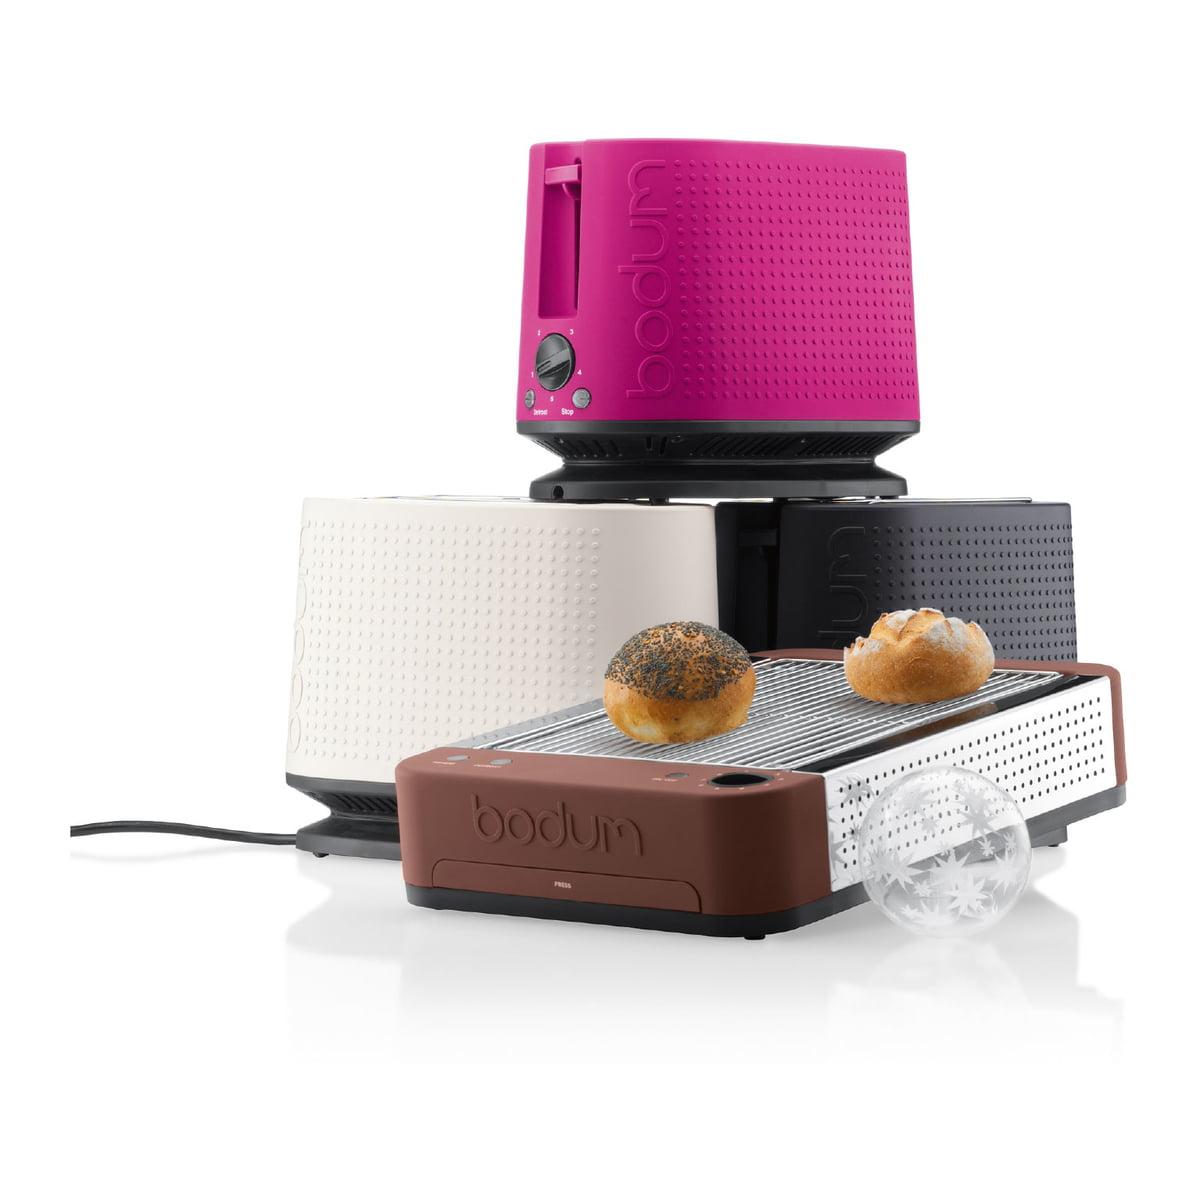 bistro toaster von bodum online kaufen. Black Bedroom Furniture Sets. Home Design Ideas